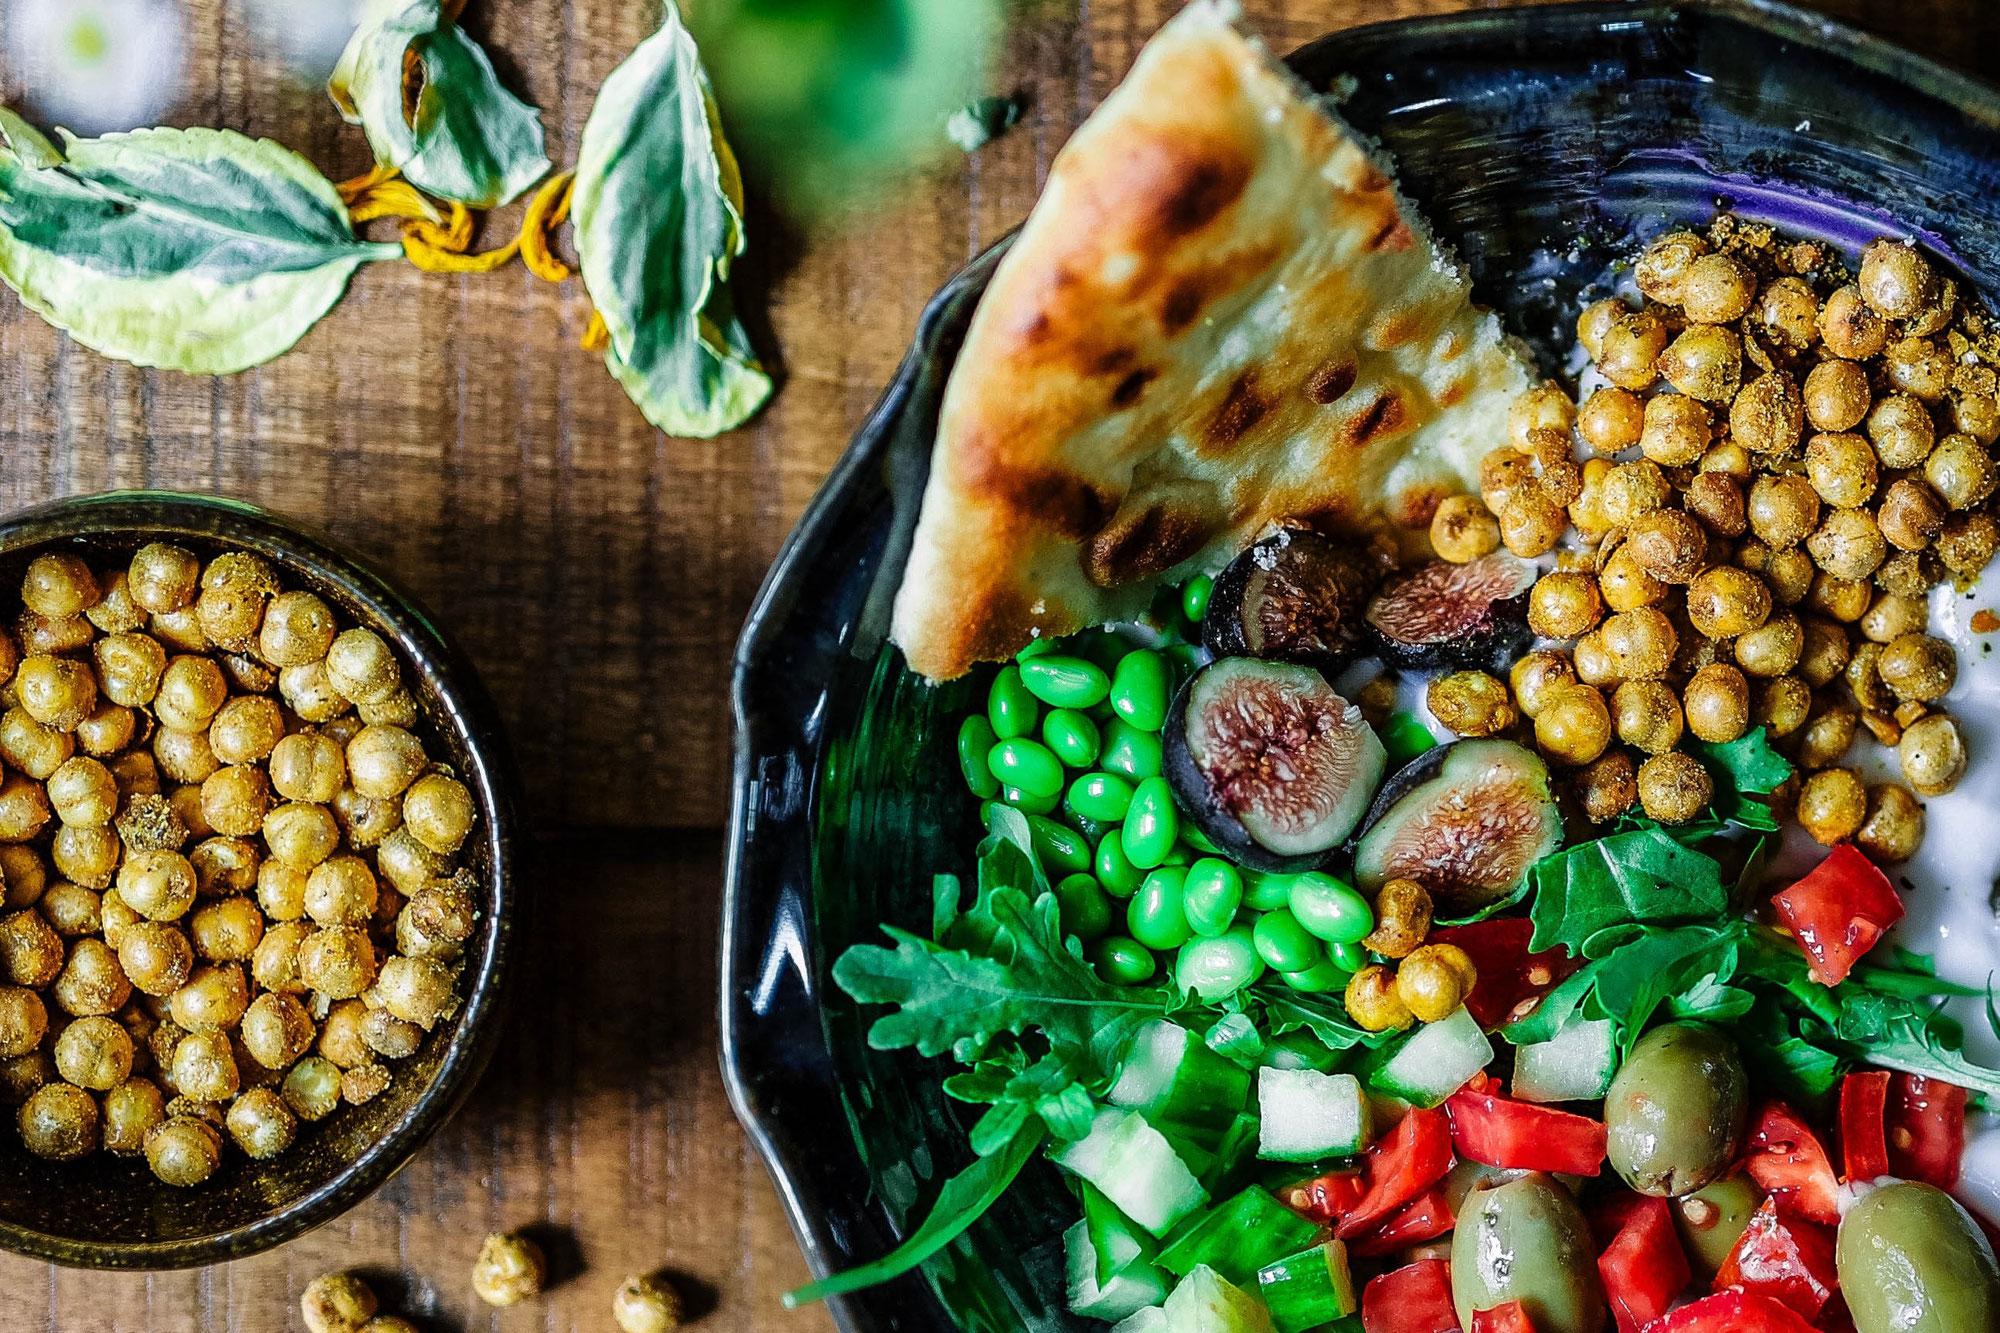 Lekker en gezond eten met minder vlees